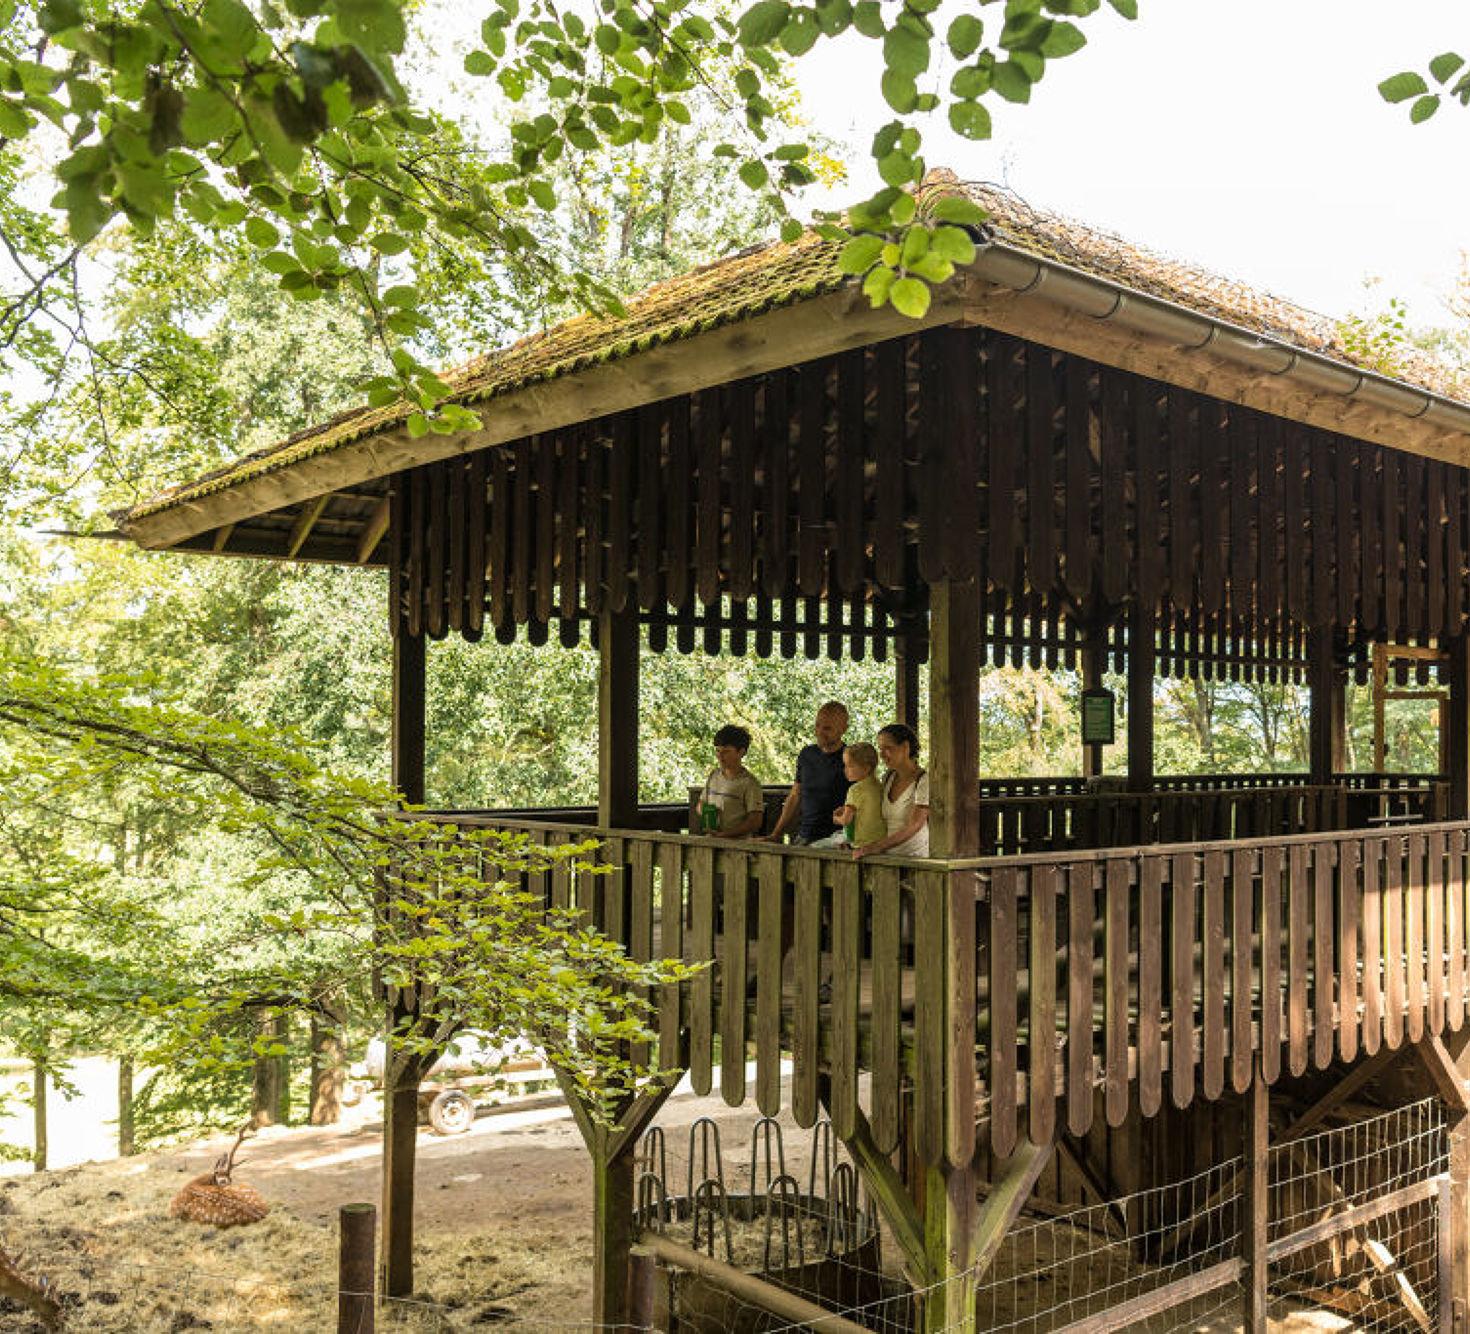 Familienausflug zum Wild- und Erlebnispark in Daun in der Vulkaneifel, Eifel